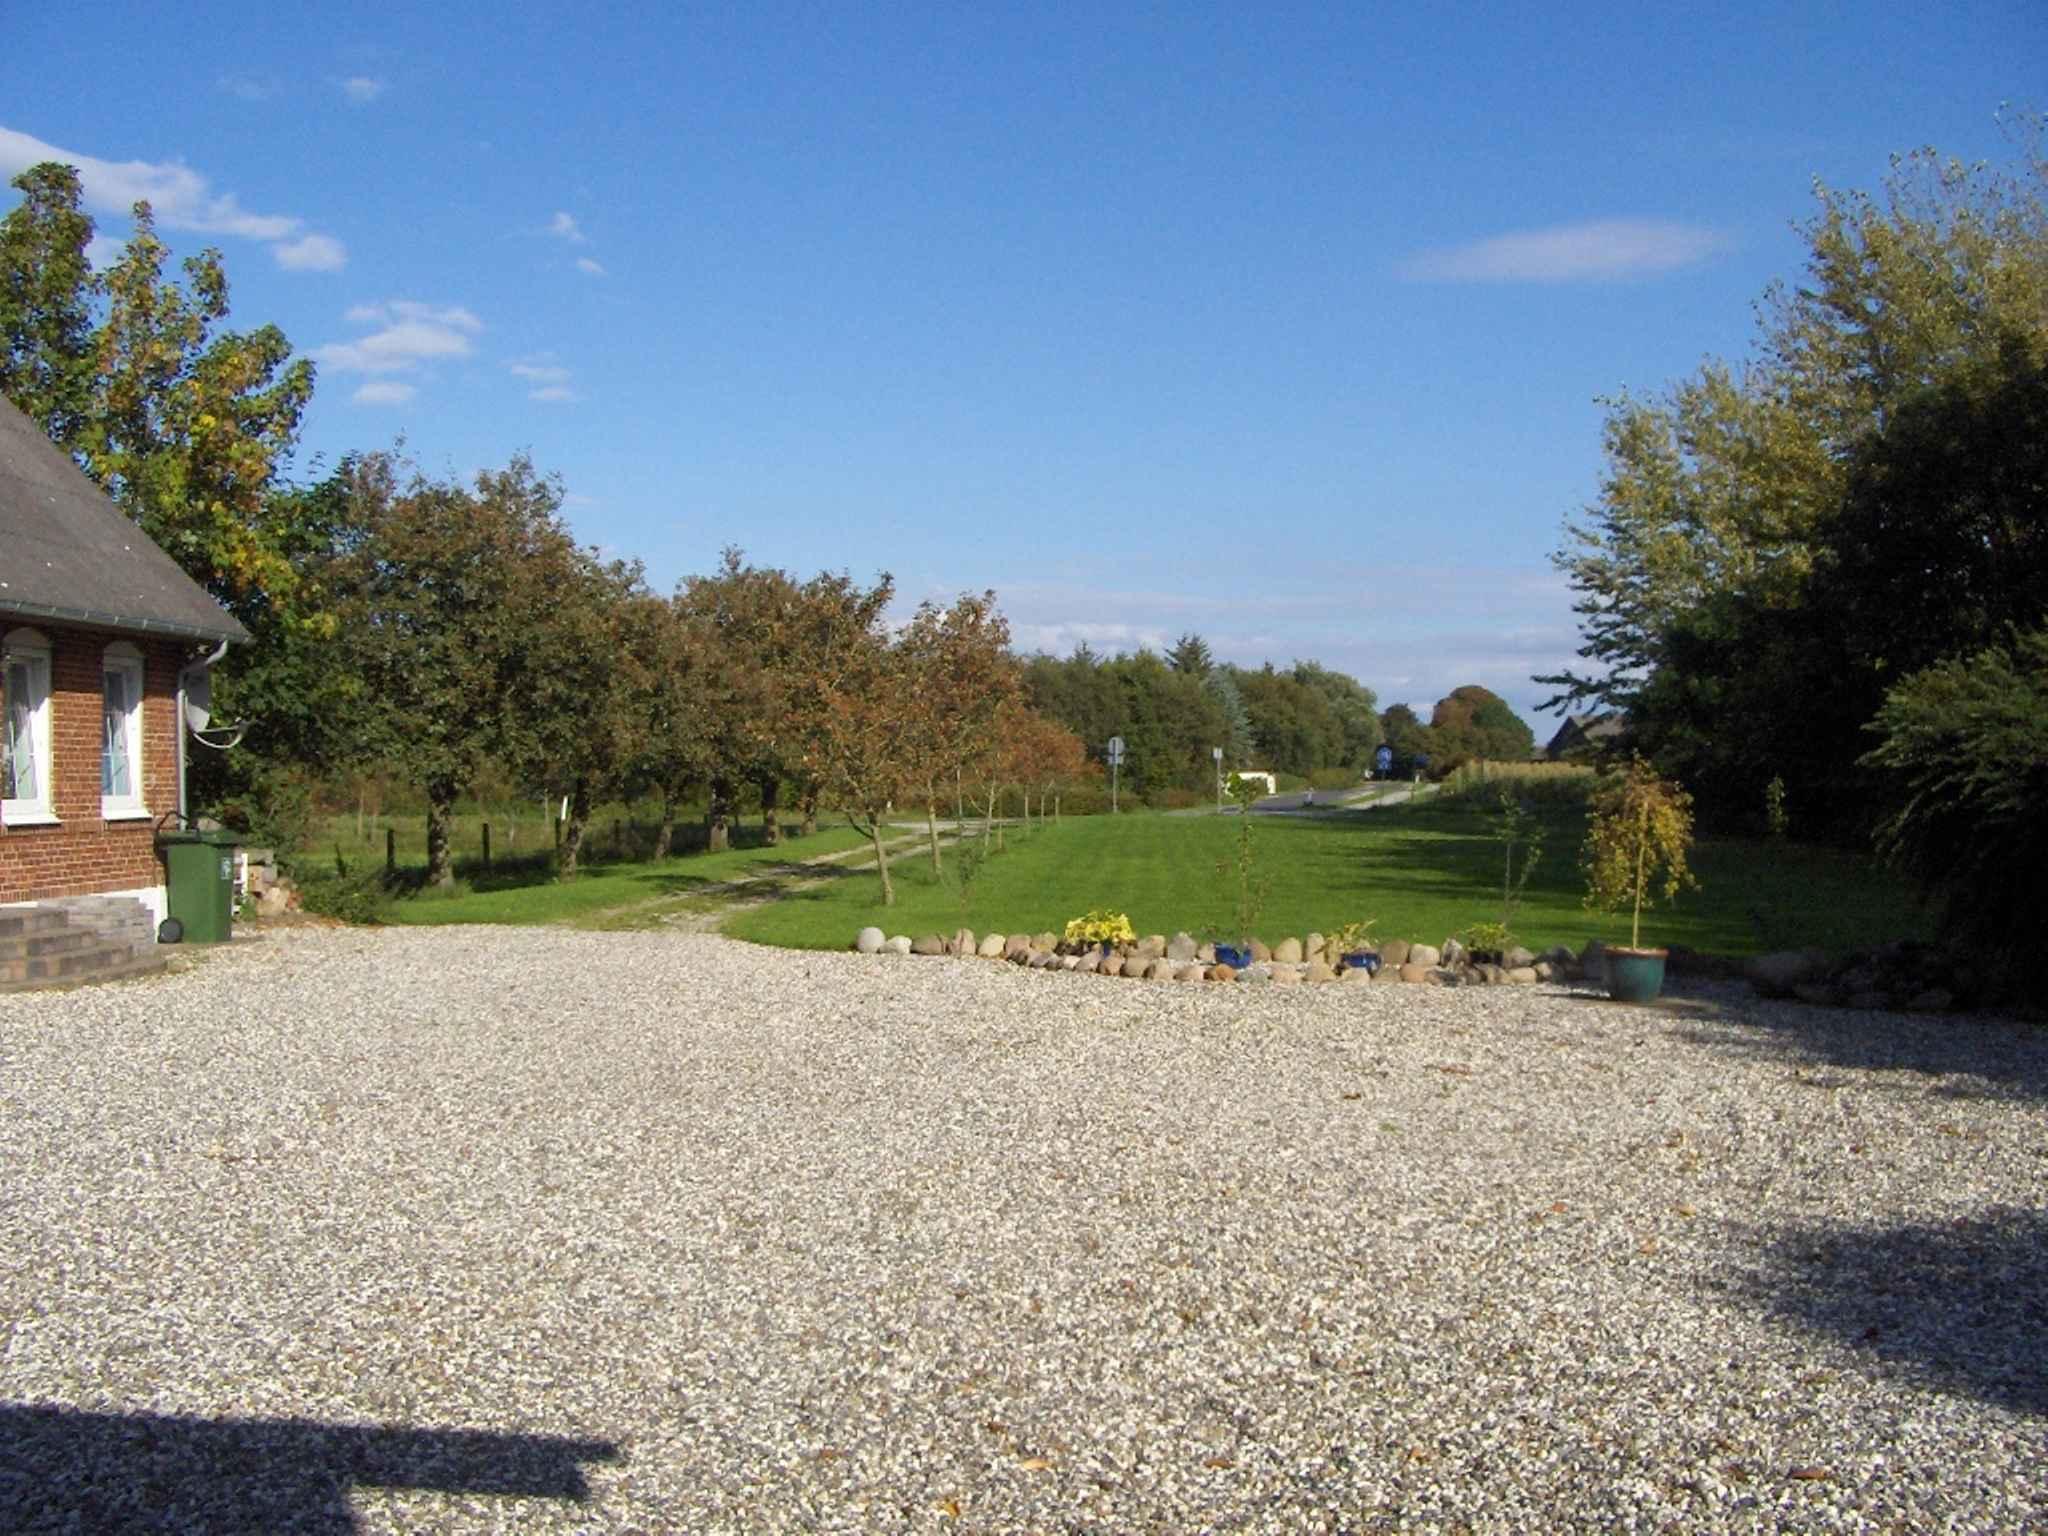 Ferienwohnung inkl. Kaminofen und schönem Blick auf die umliegenden Felder (1670562), Fjerritslev, , Nordwestjütland, Dänemark, Bild 2